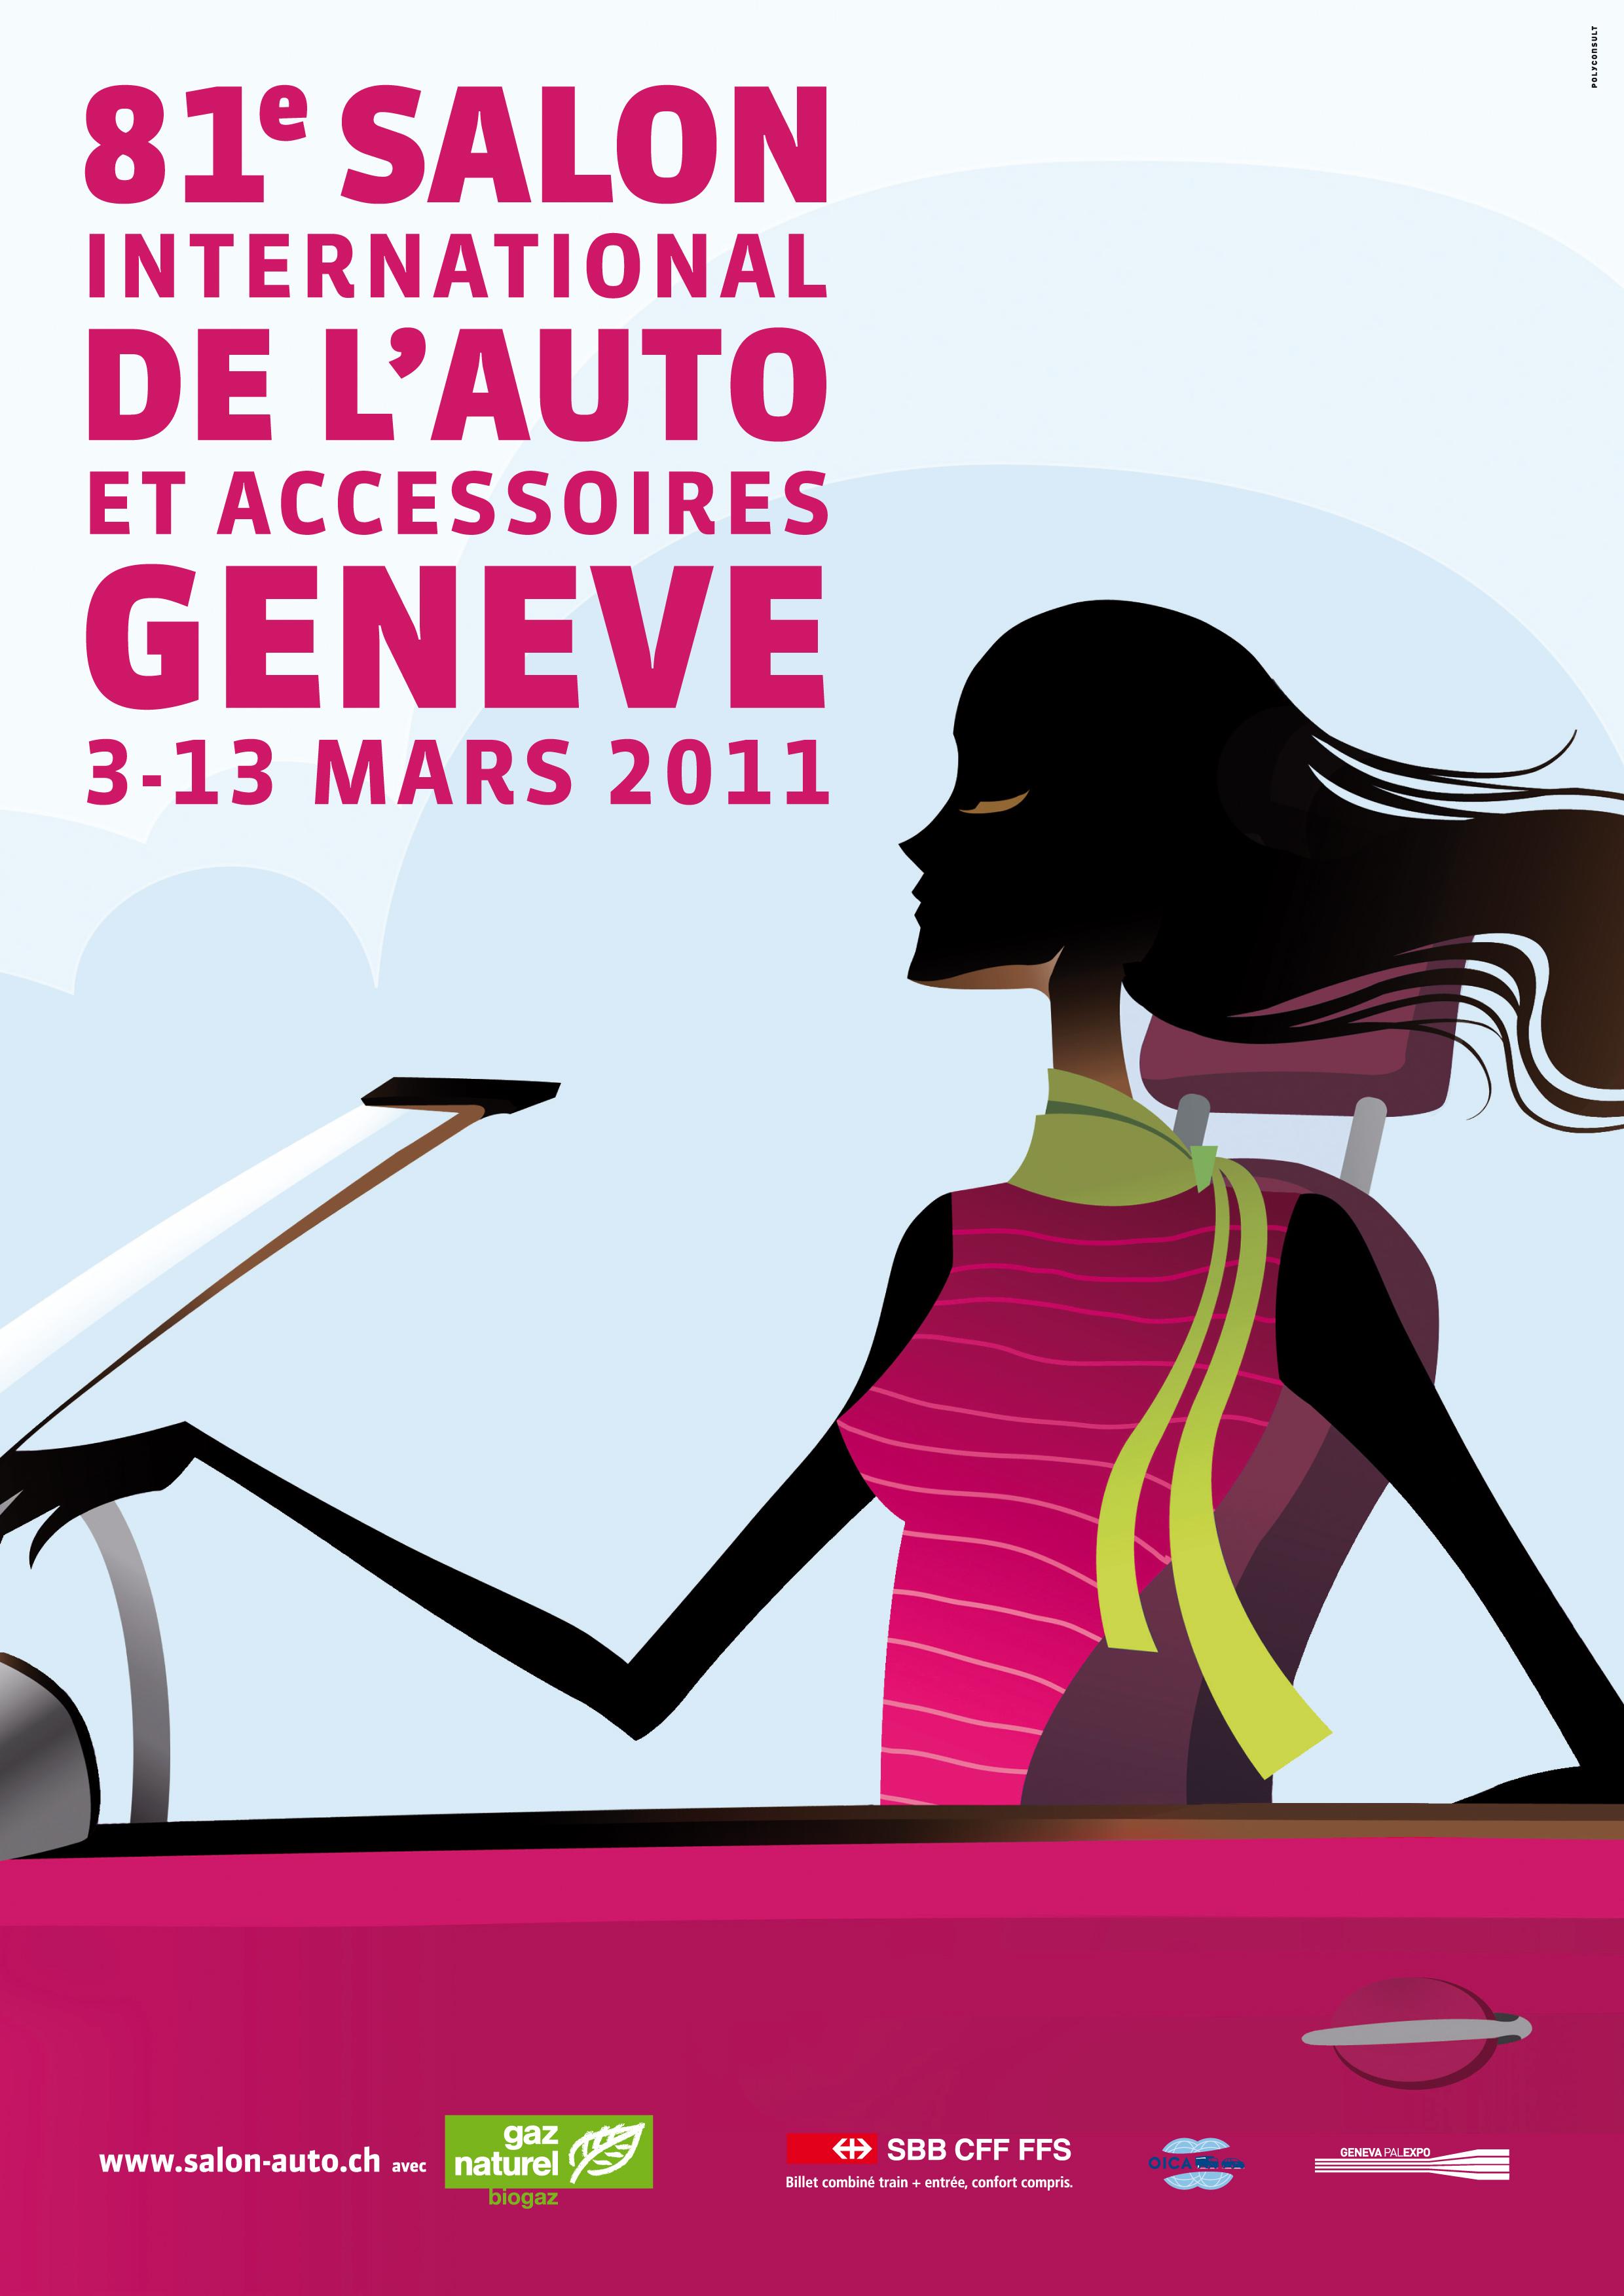 Guide pratique salon de gen ve salon de gen ve 2011 - Toutes les danses de salon ...